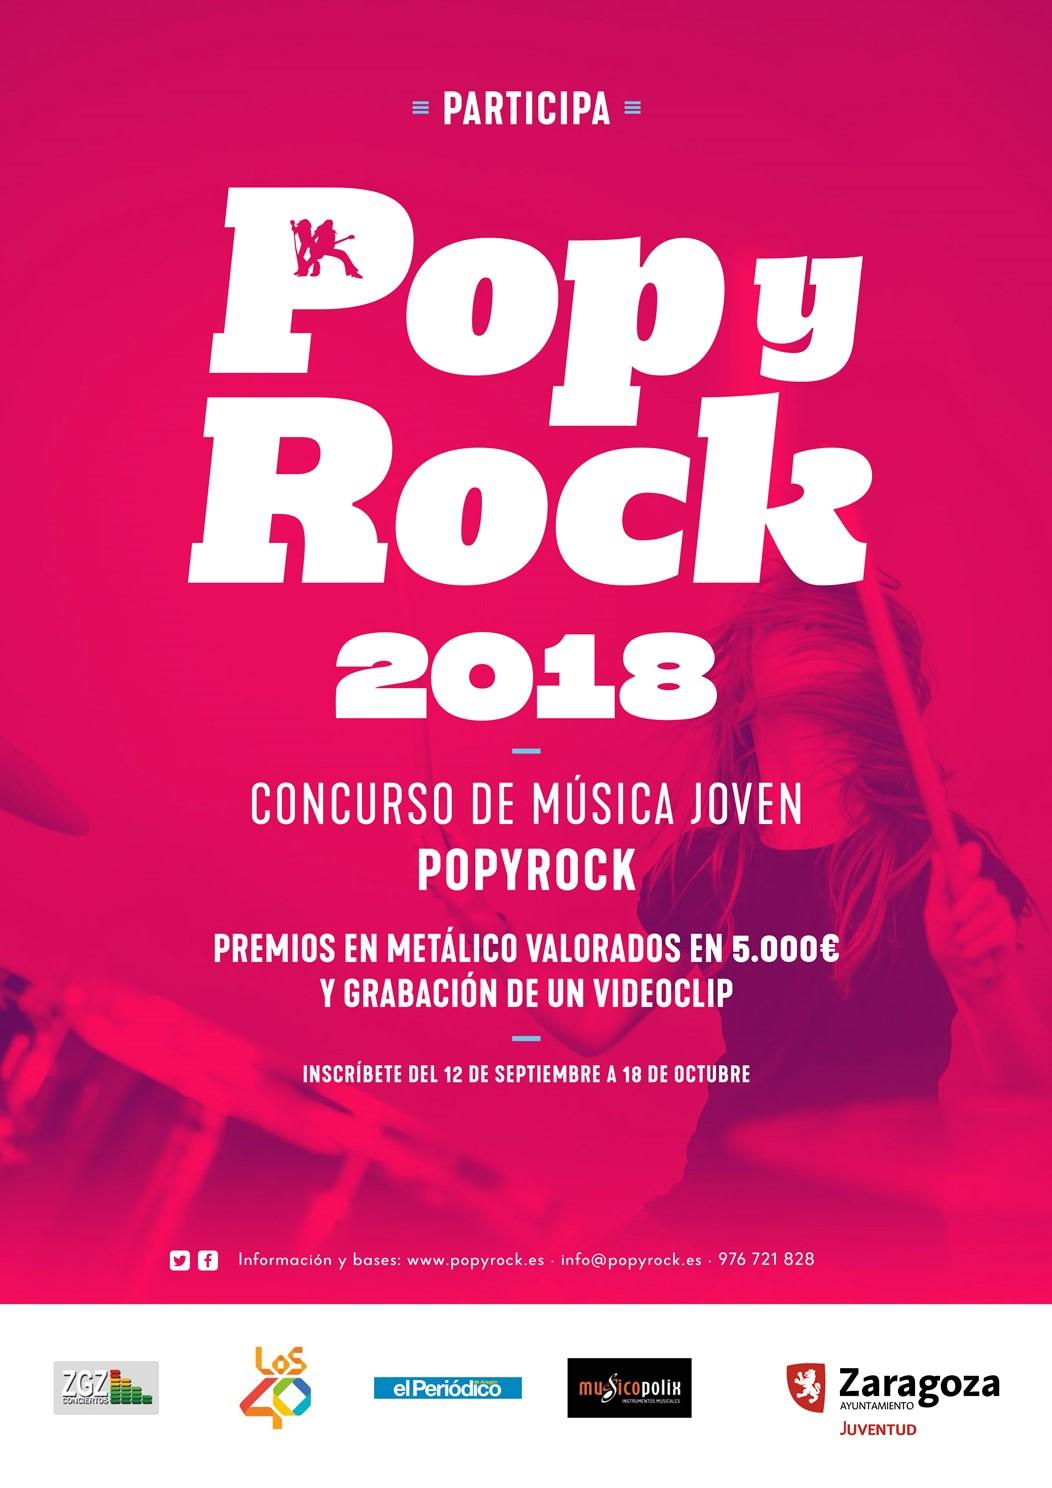 poopyrock 2018